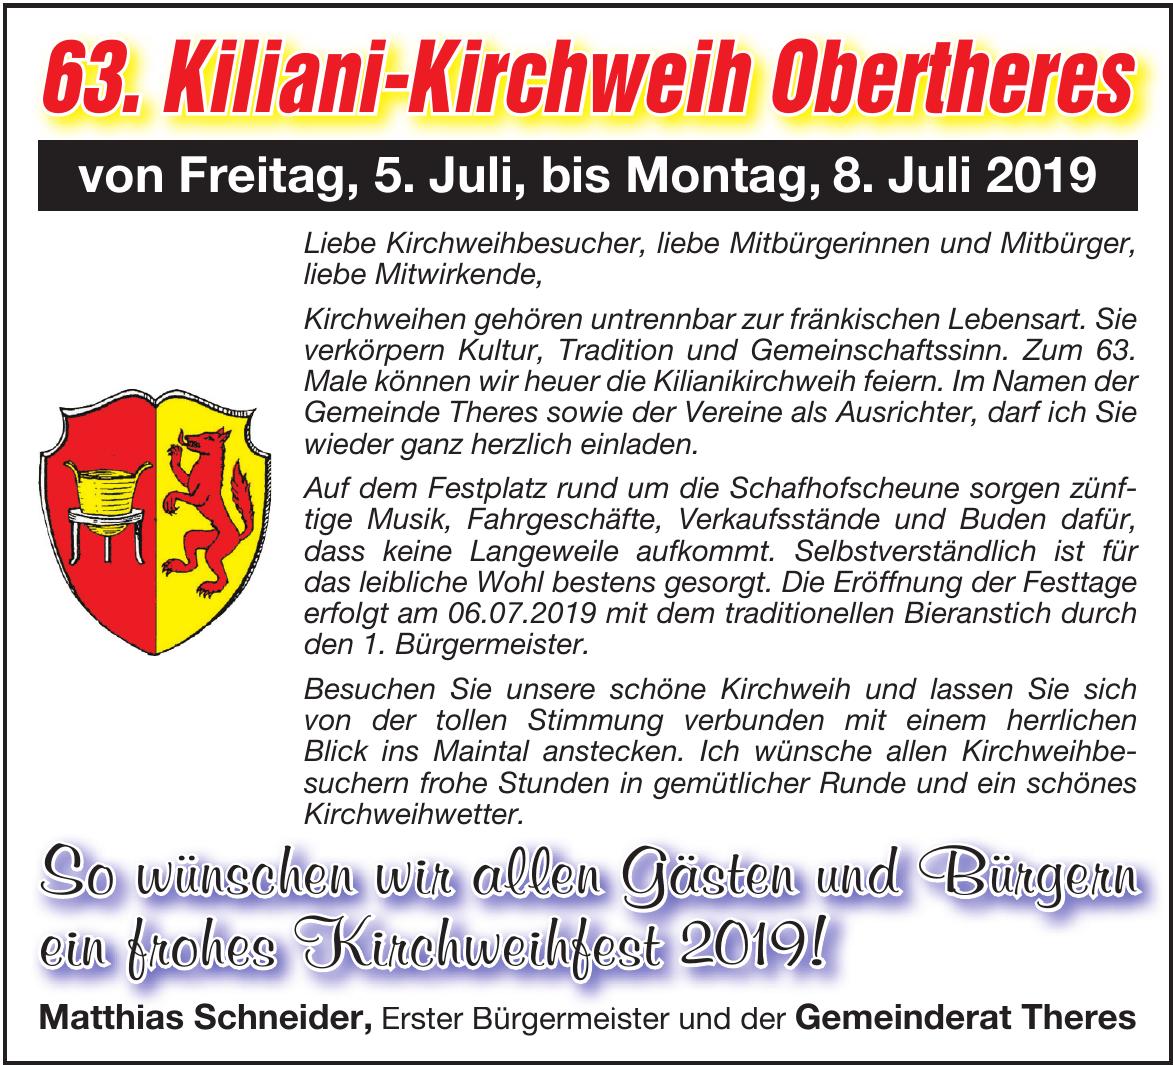 63. Kiliani-Kirchweih Obertheres